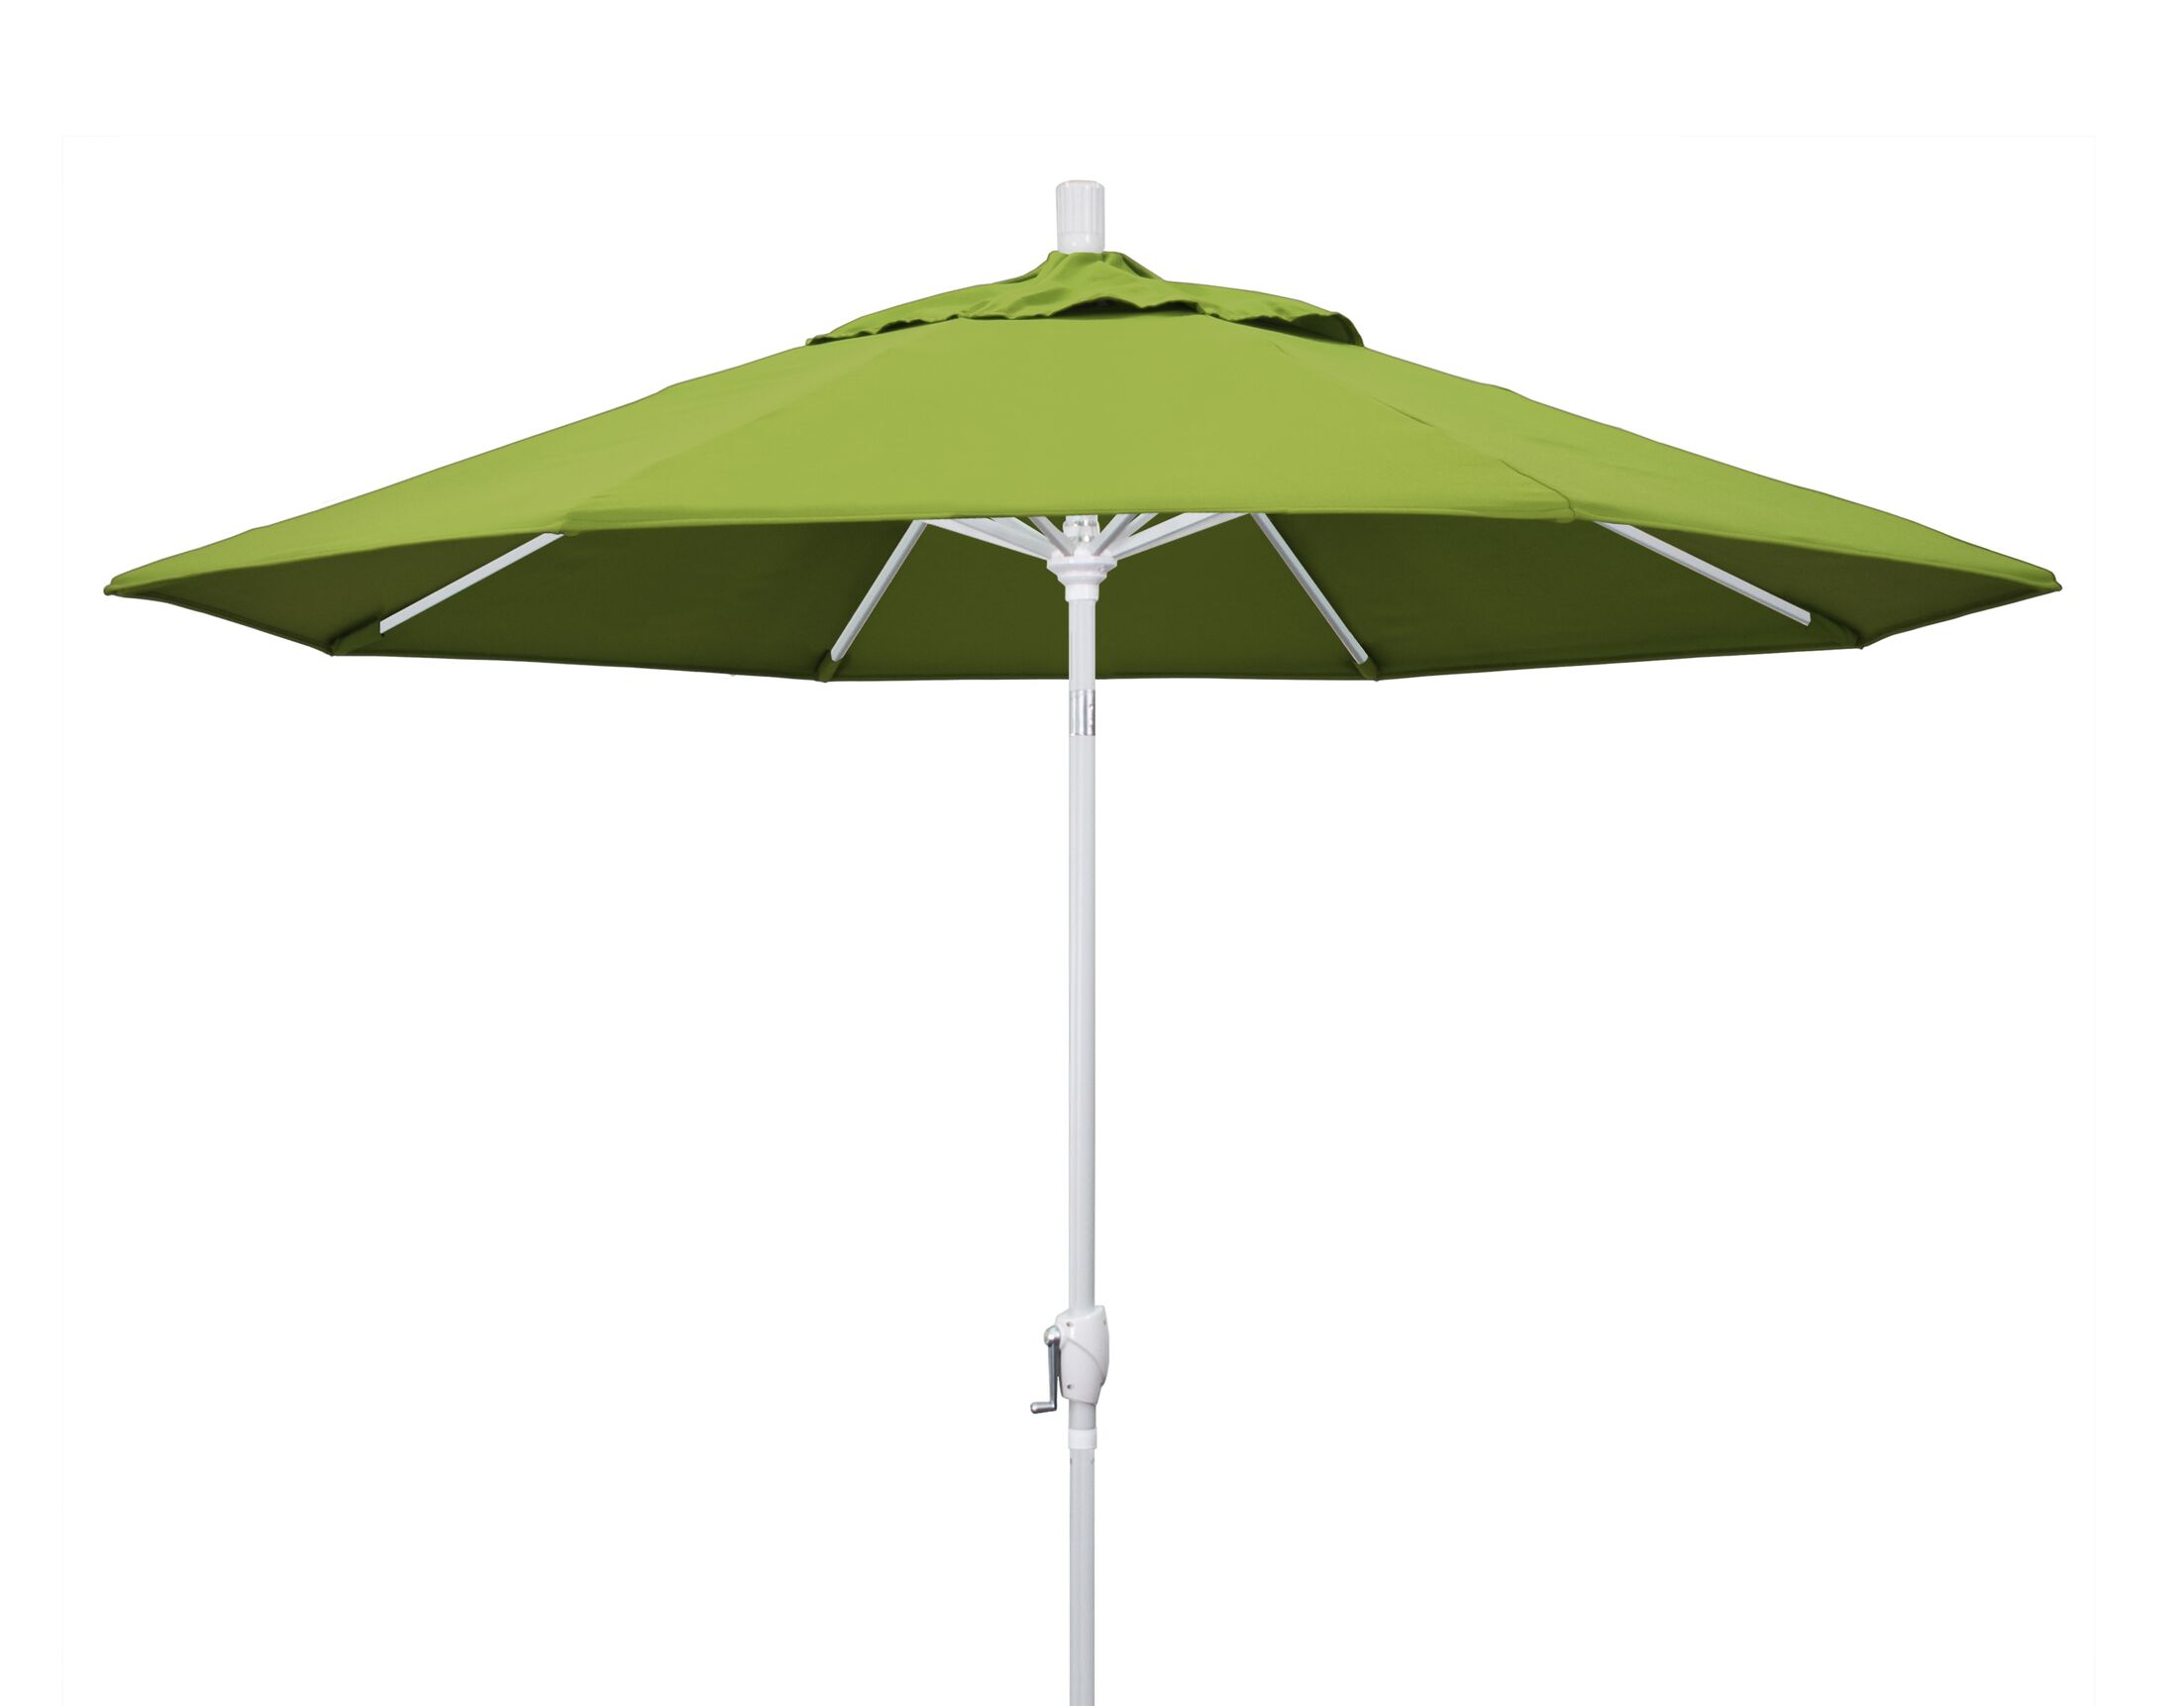 Cello 9' Market Umbrella Frame Finish: Matted White, Fabric: Sunbrella - Macaw